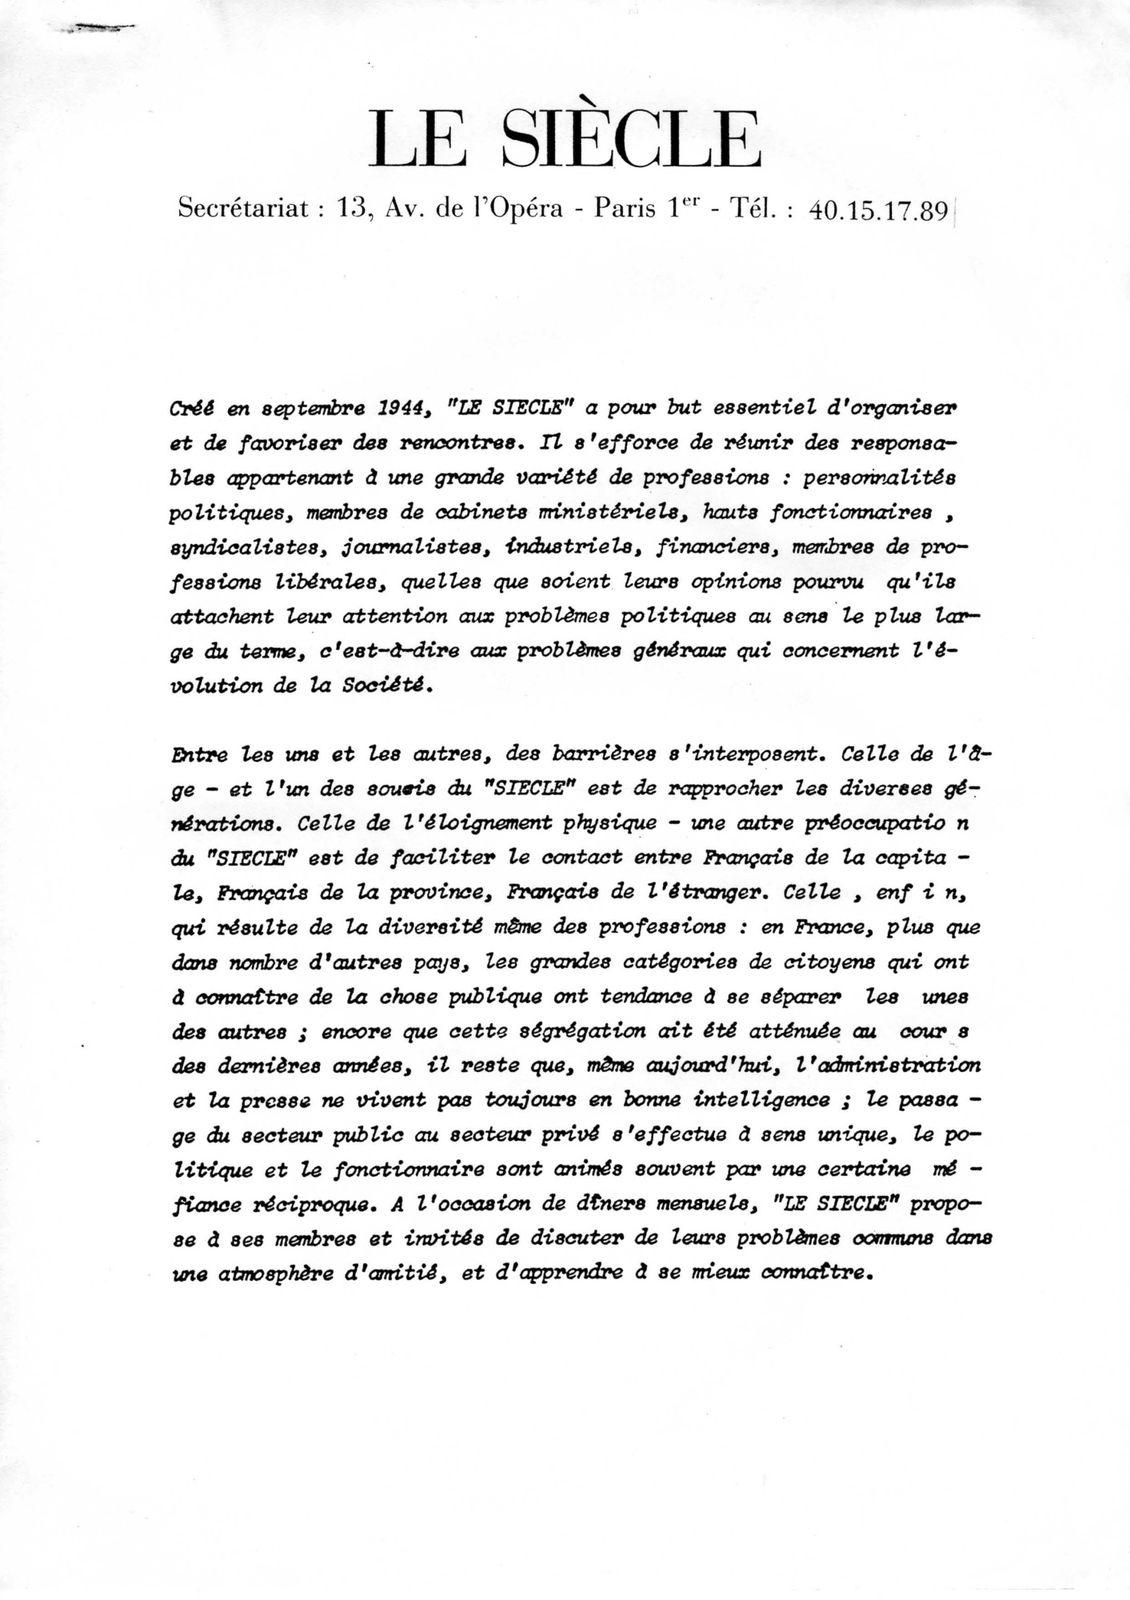 Le Siecle - 001